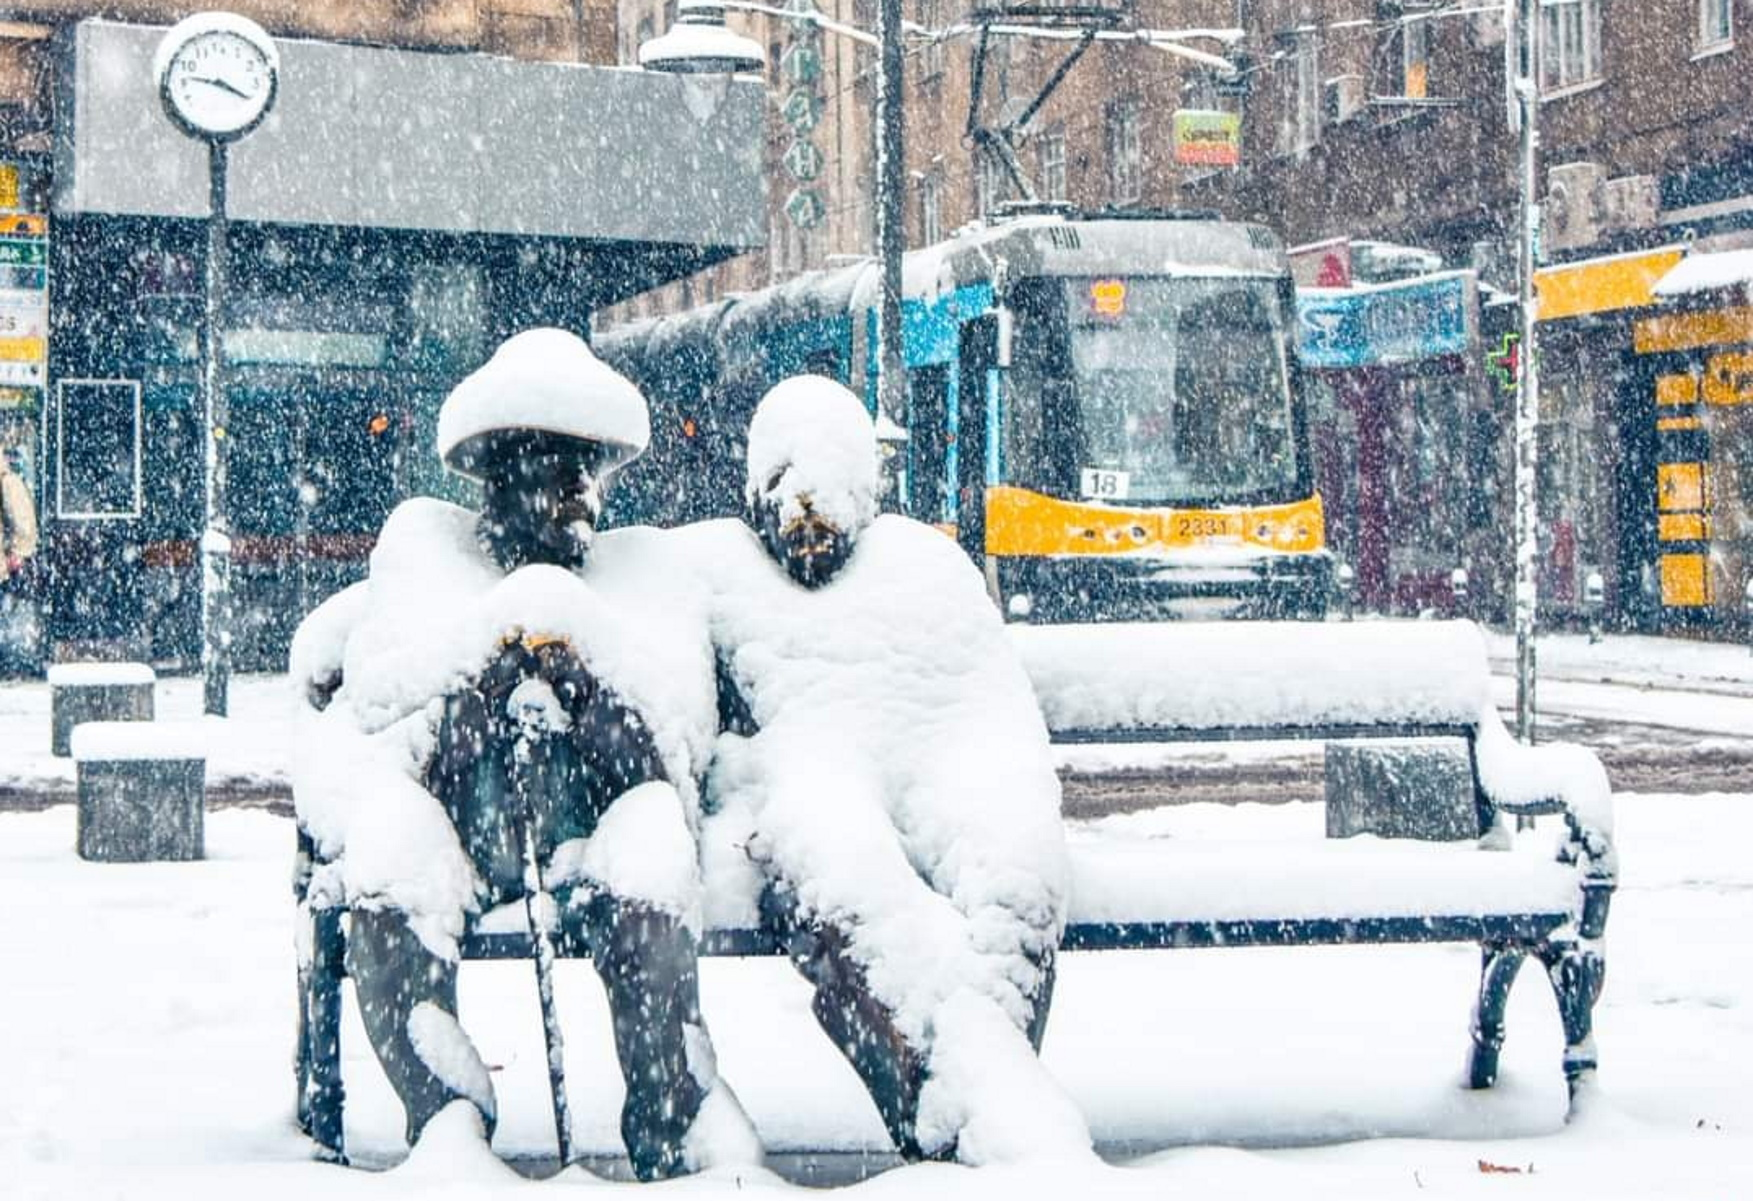 Ο Δεκέμβριος «μπαίνει» με χιόνια – Πότε έρχονται πέριξ στη Θεσσαλονίκη , φωτογραφία-5